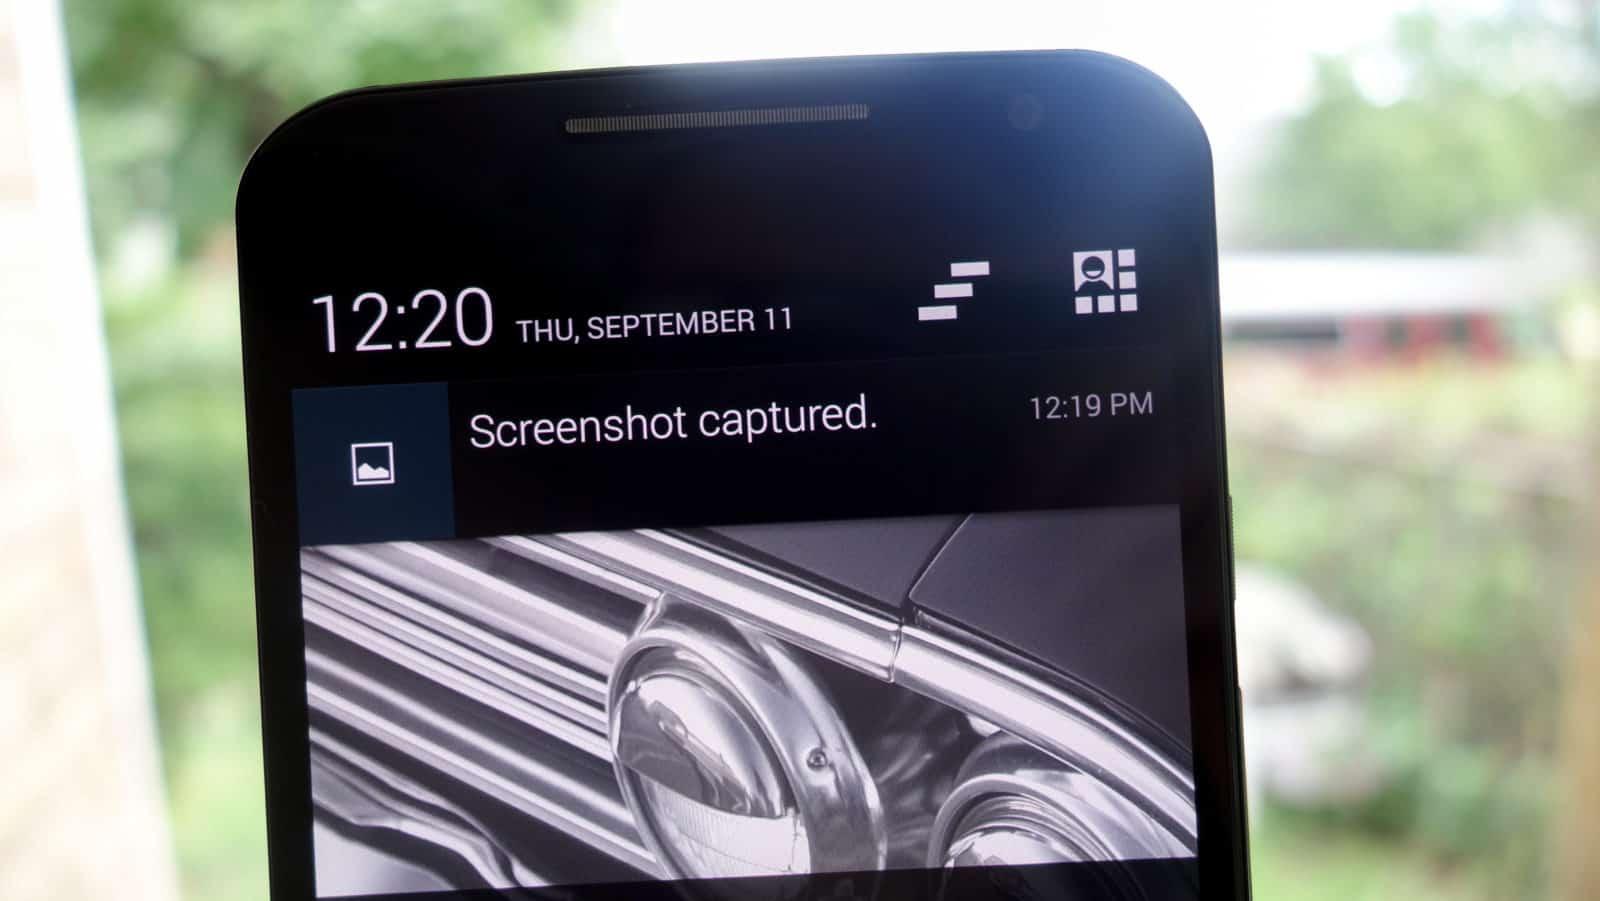 Moto-X-screenshot-AH-1